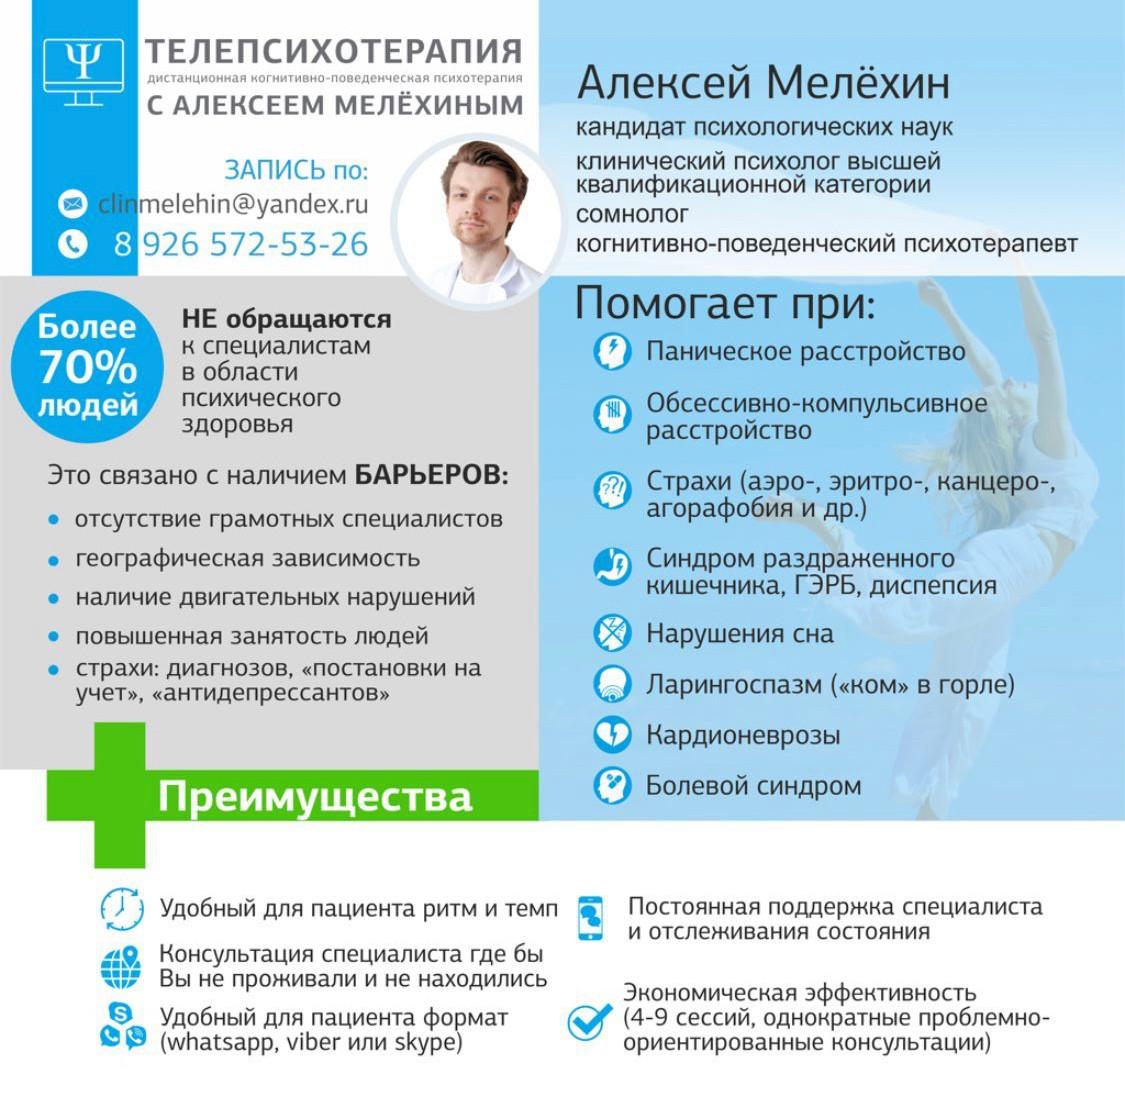 Запись на консультацию к Алексею Мелехину